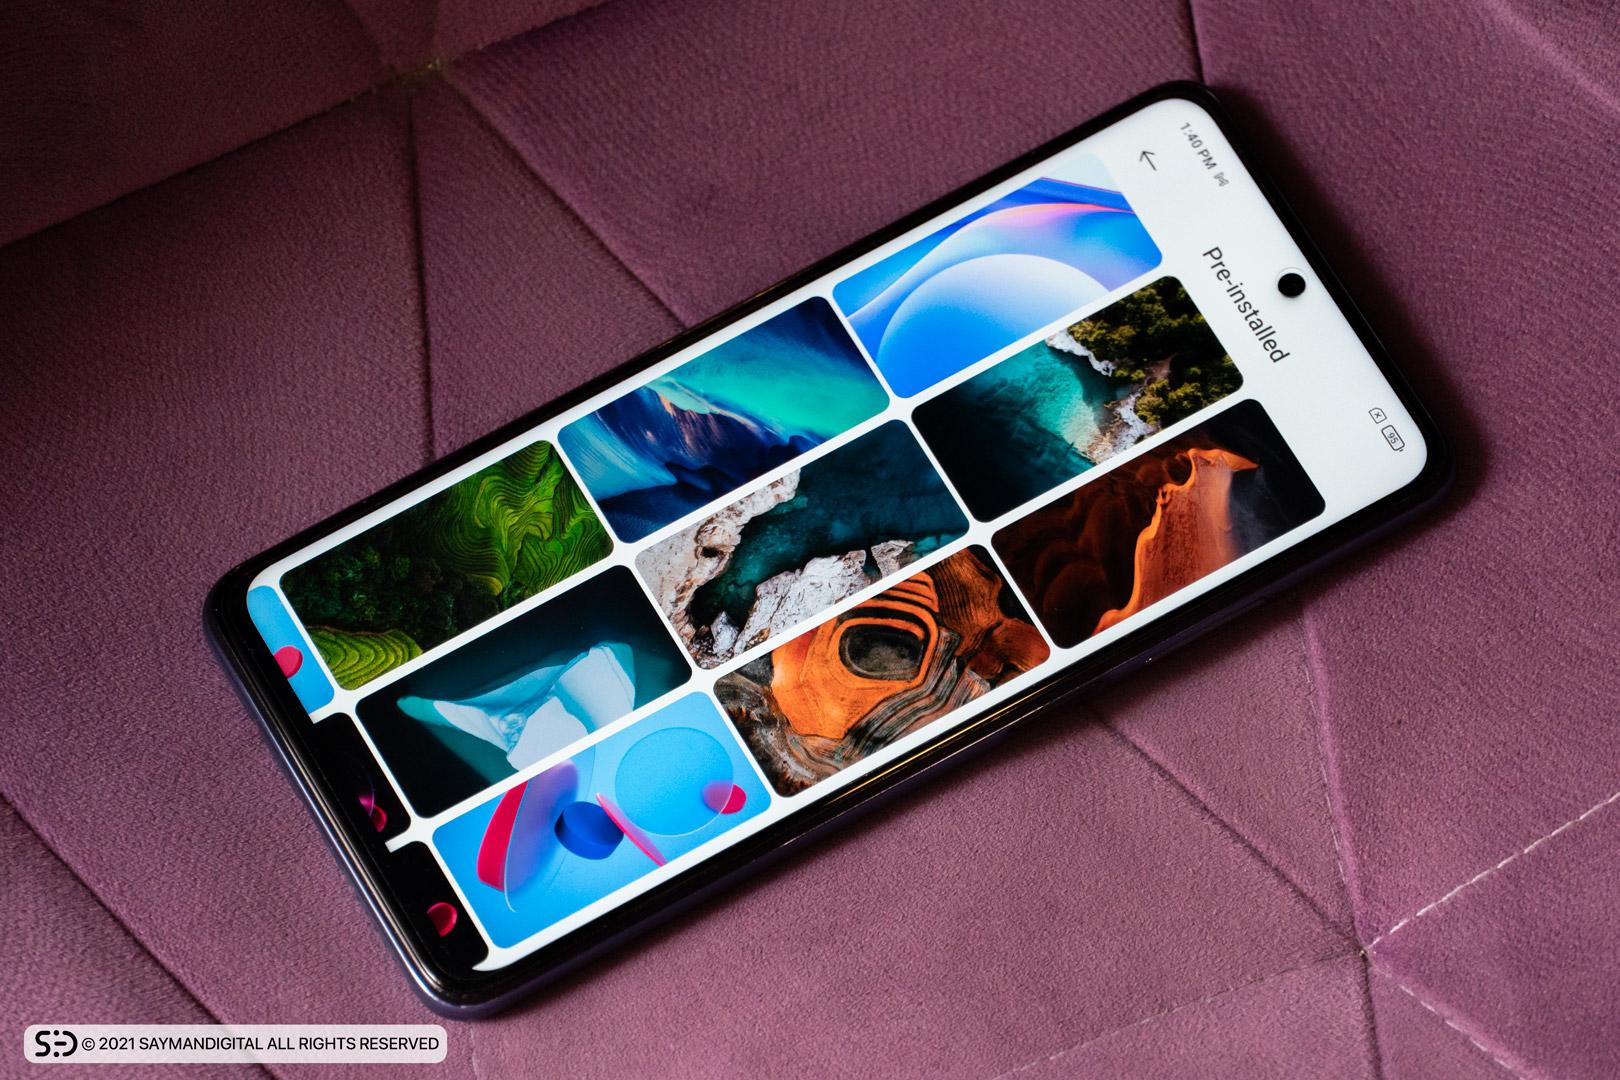 نمایشگر گوشی Mi 10T lite